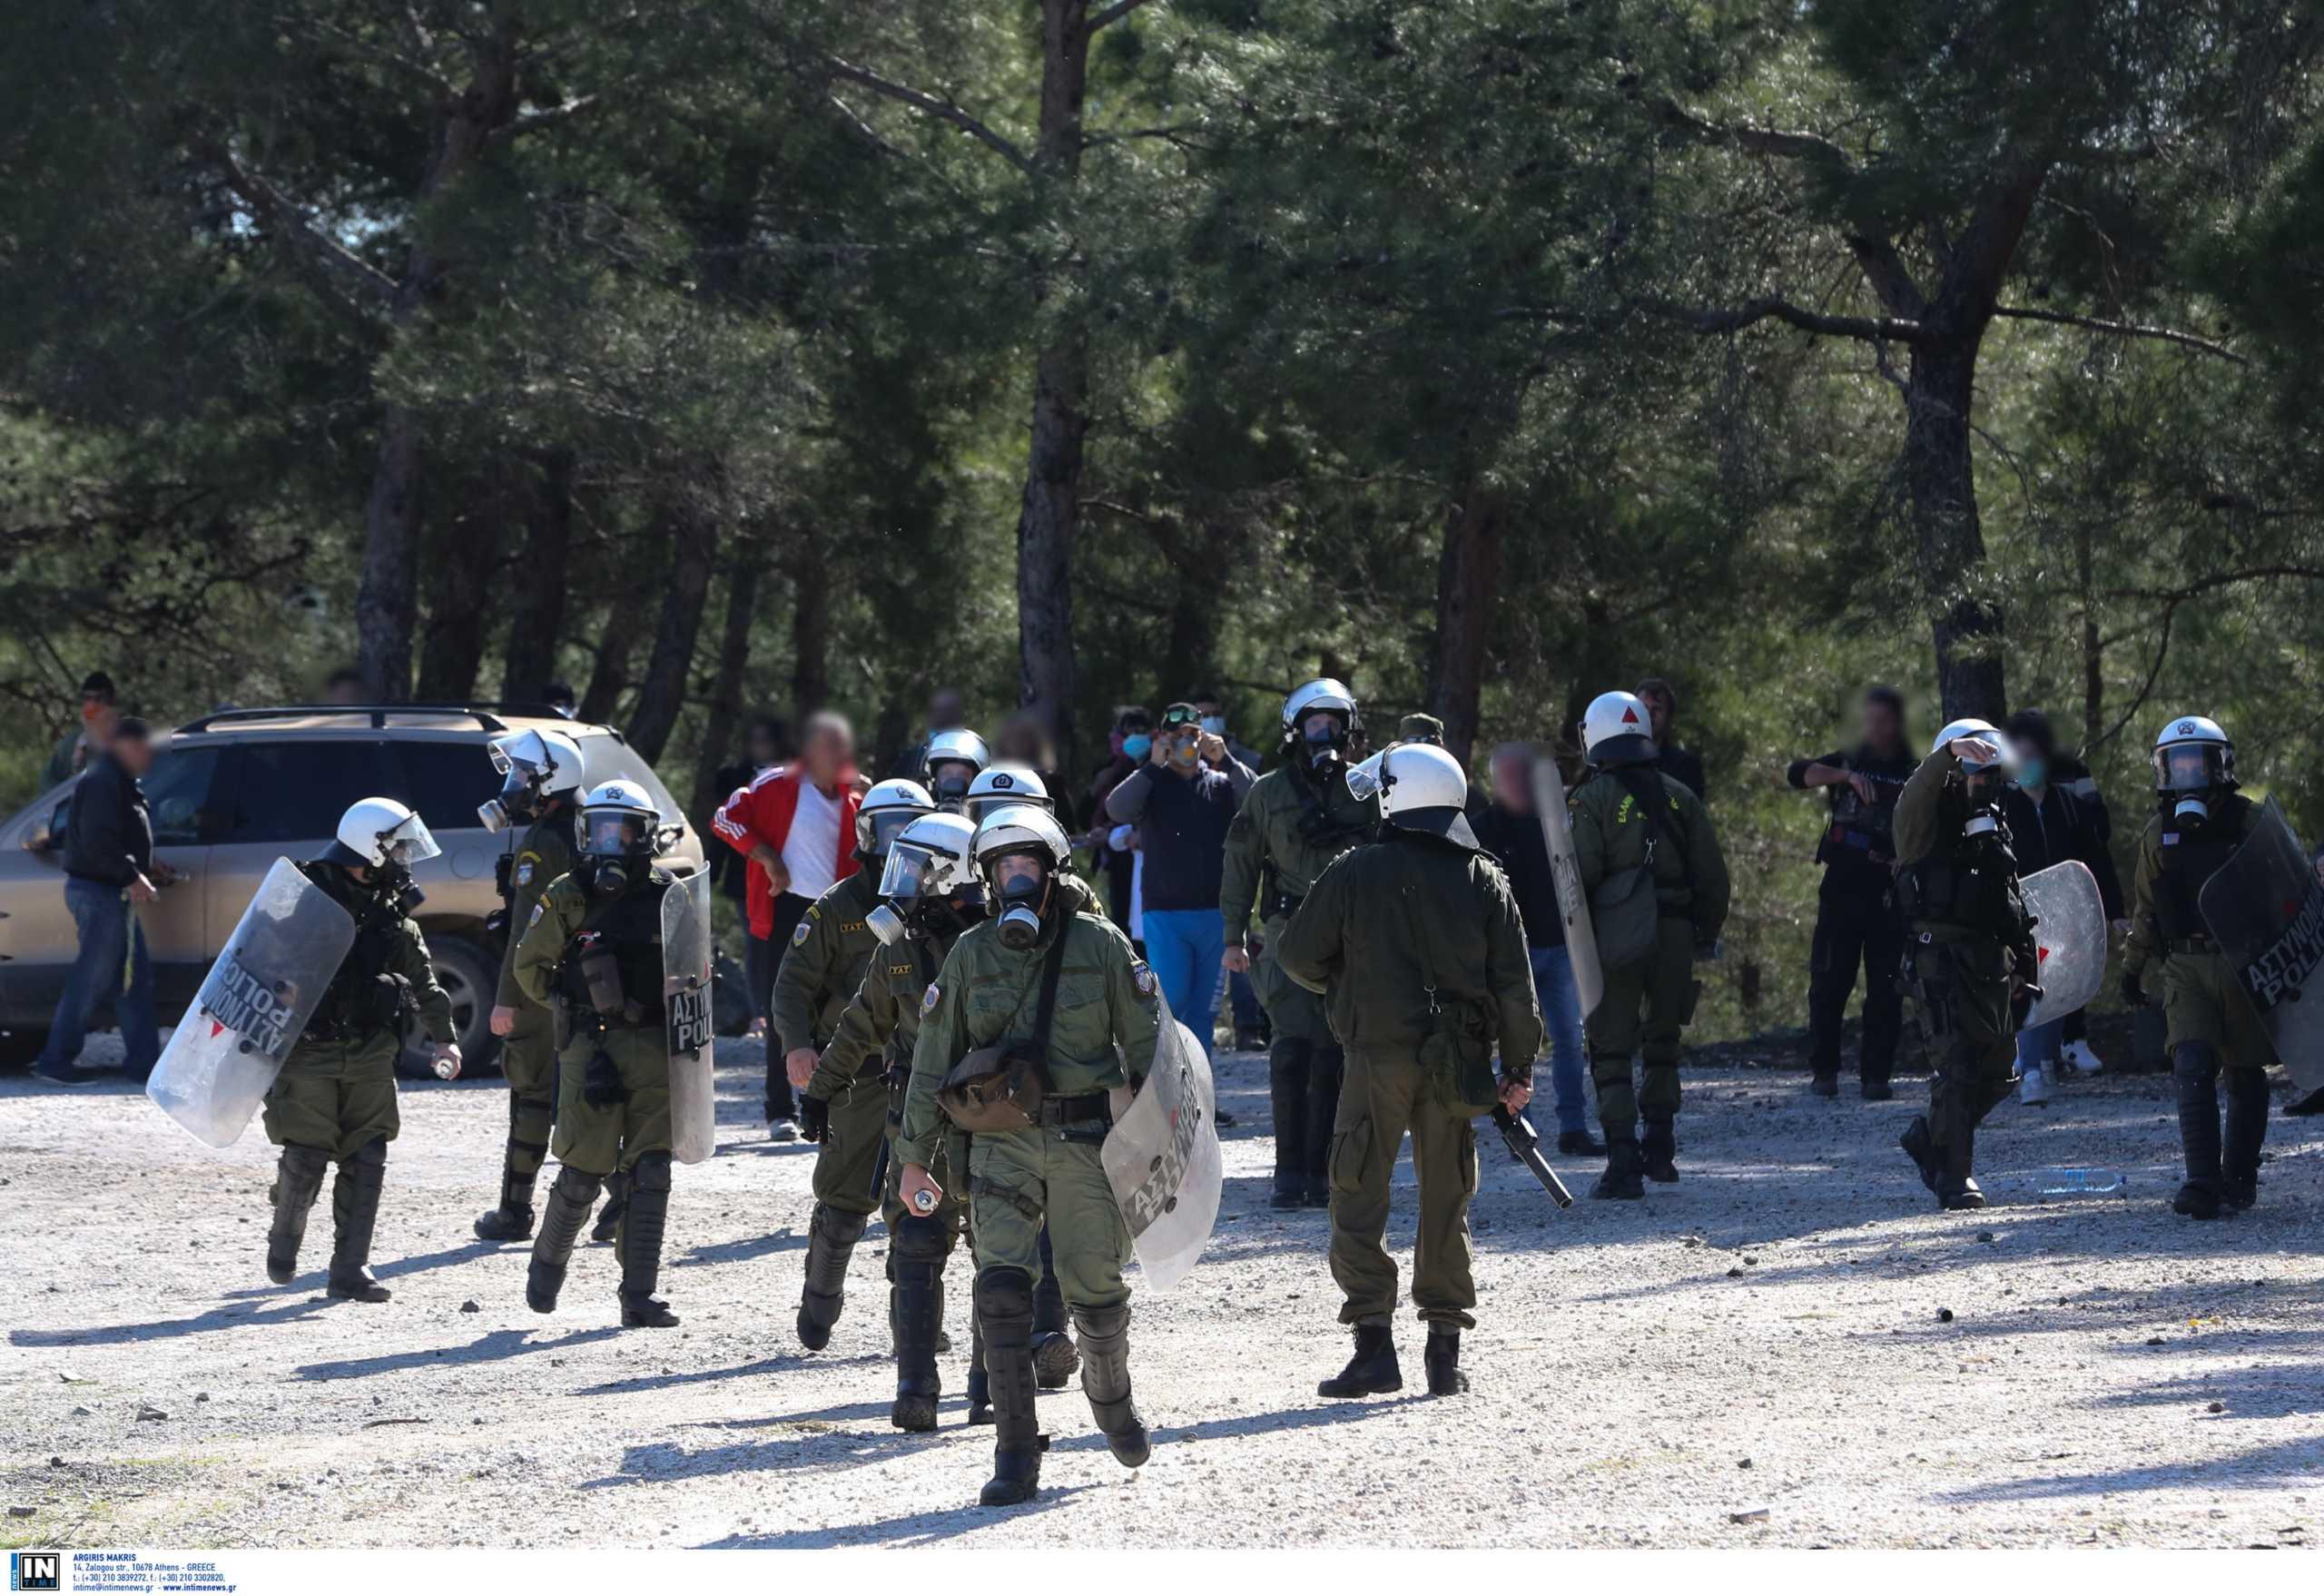 Λέσβος: Διαψεύδει το Λιμενικό άσεμνες χειρονομίες σε αστυνομικούς